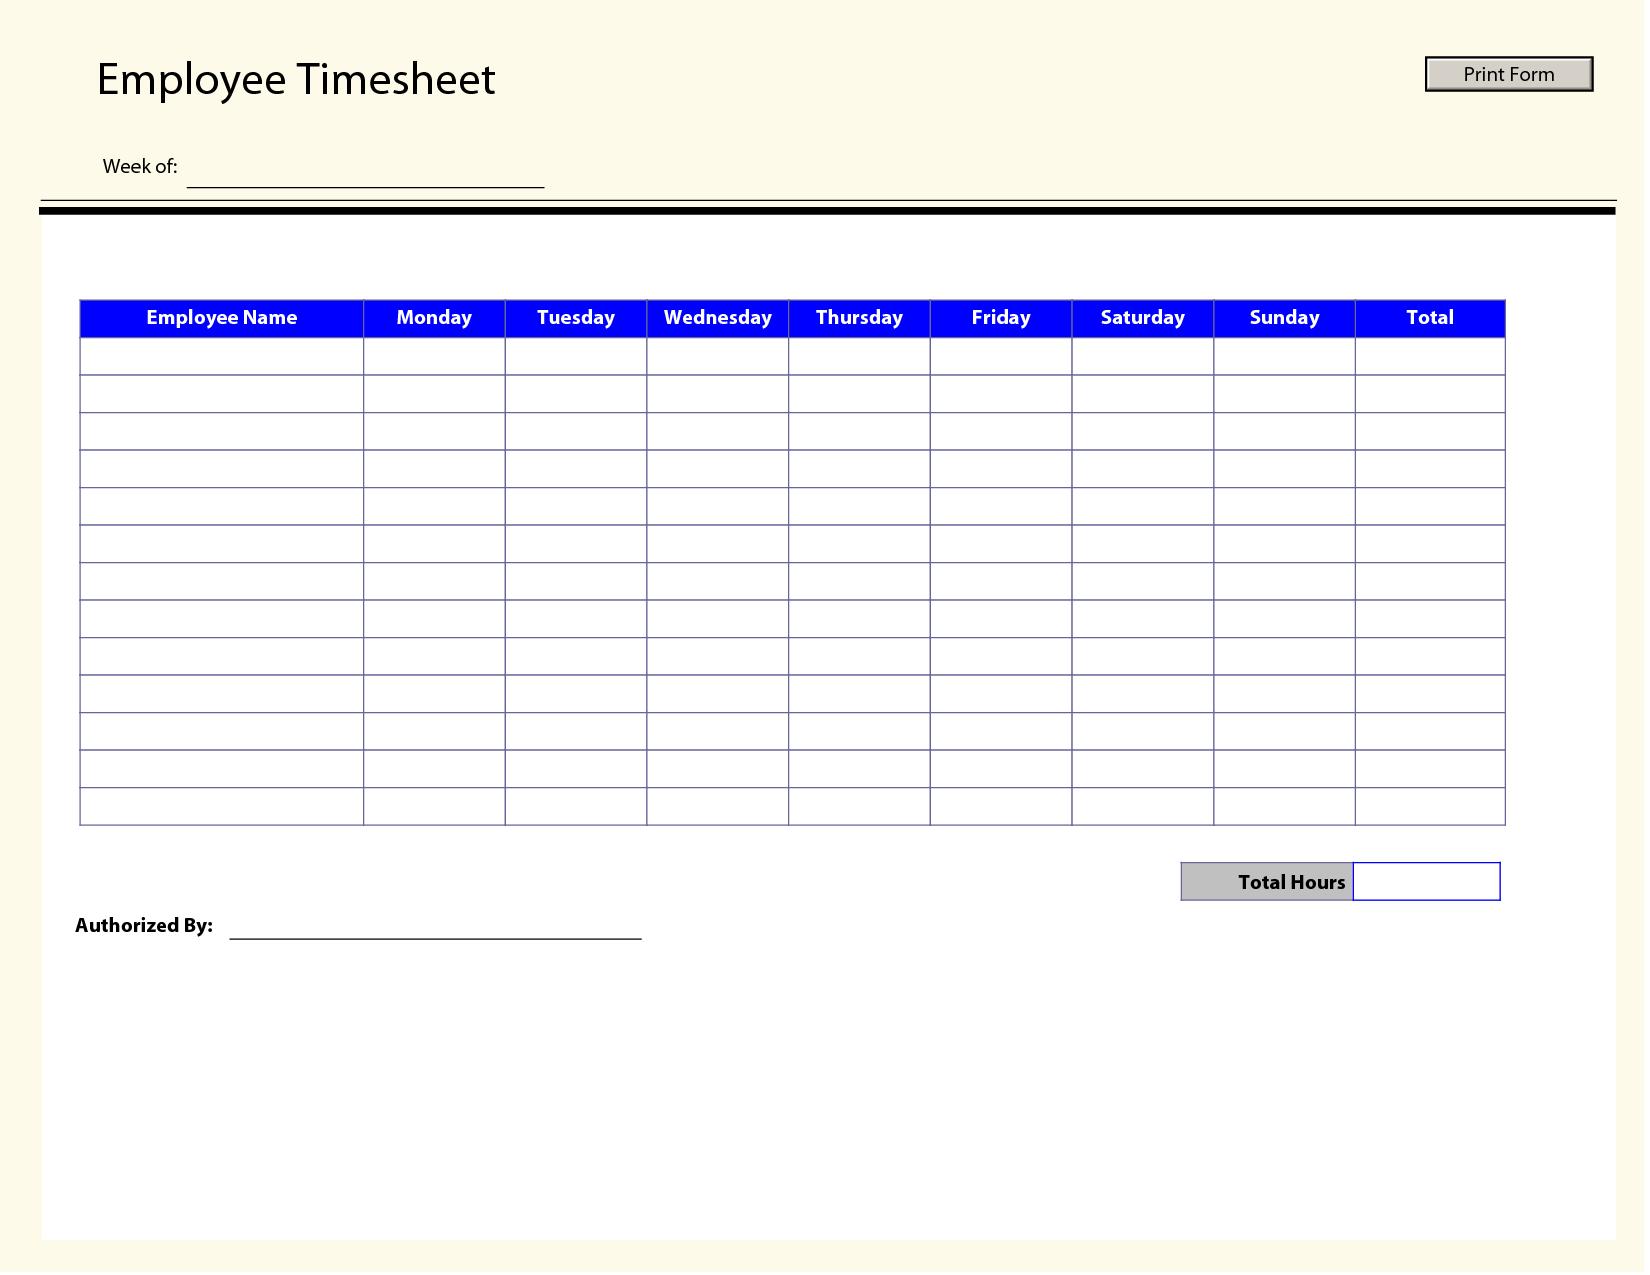 Printable Time Sheets | Free Printable Employee Timesheets Employee - Free Printable Blank Time Sheets